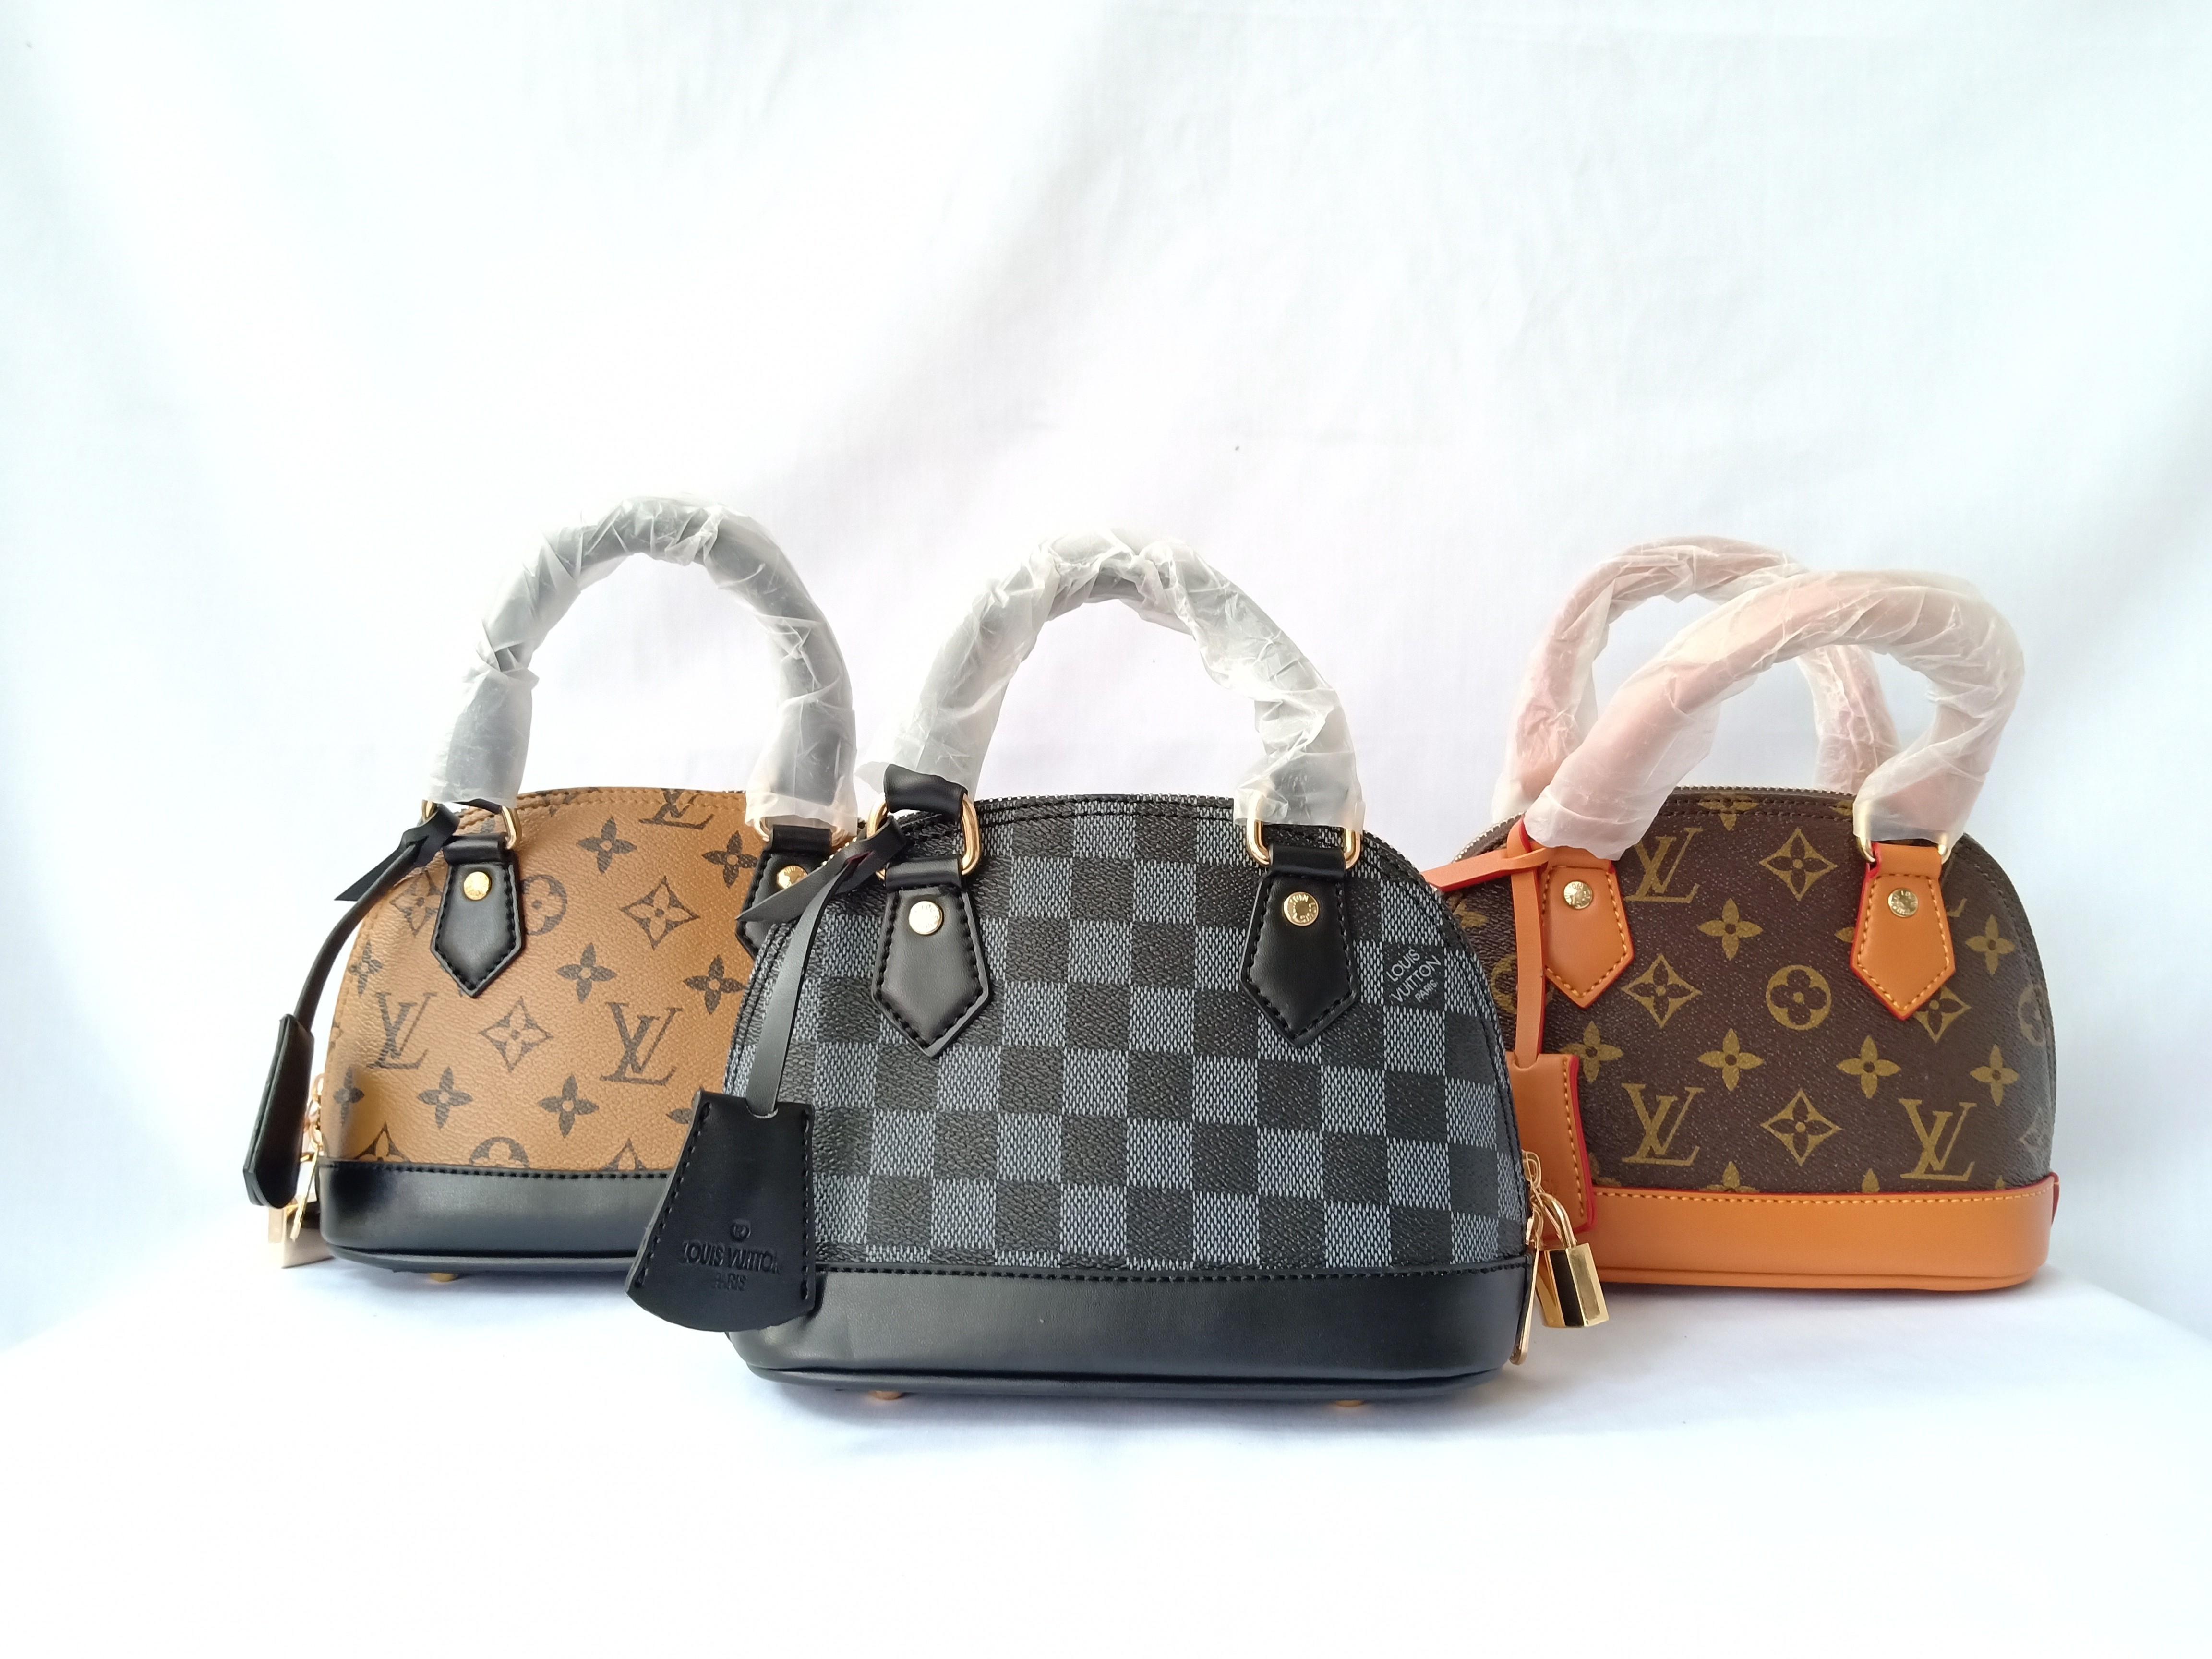 Tas LV / Louis Vuitton alma murah / tas mewah murah / sling bag murah